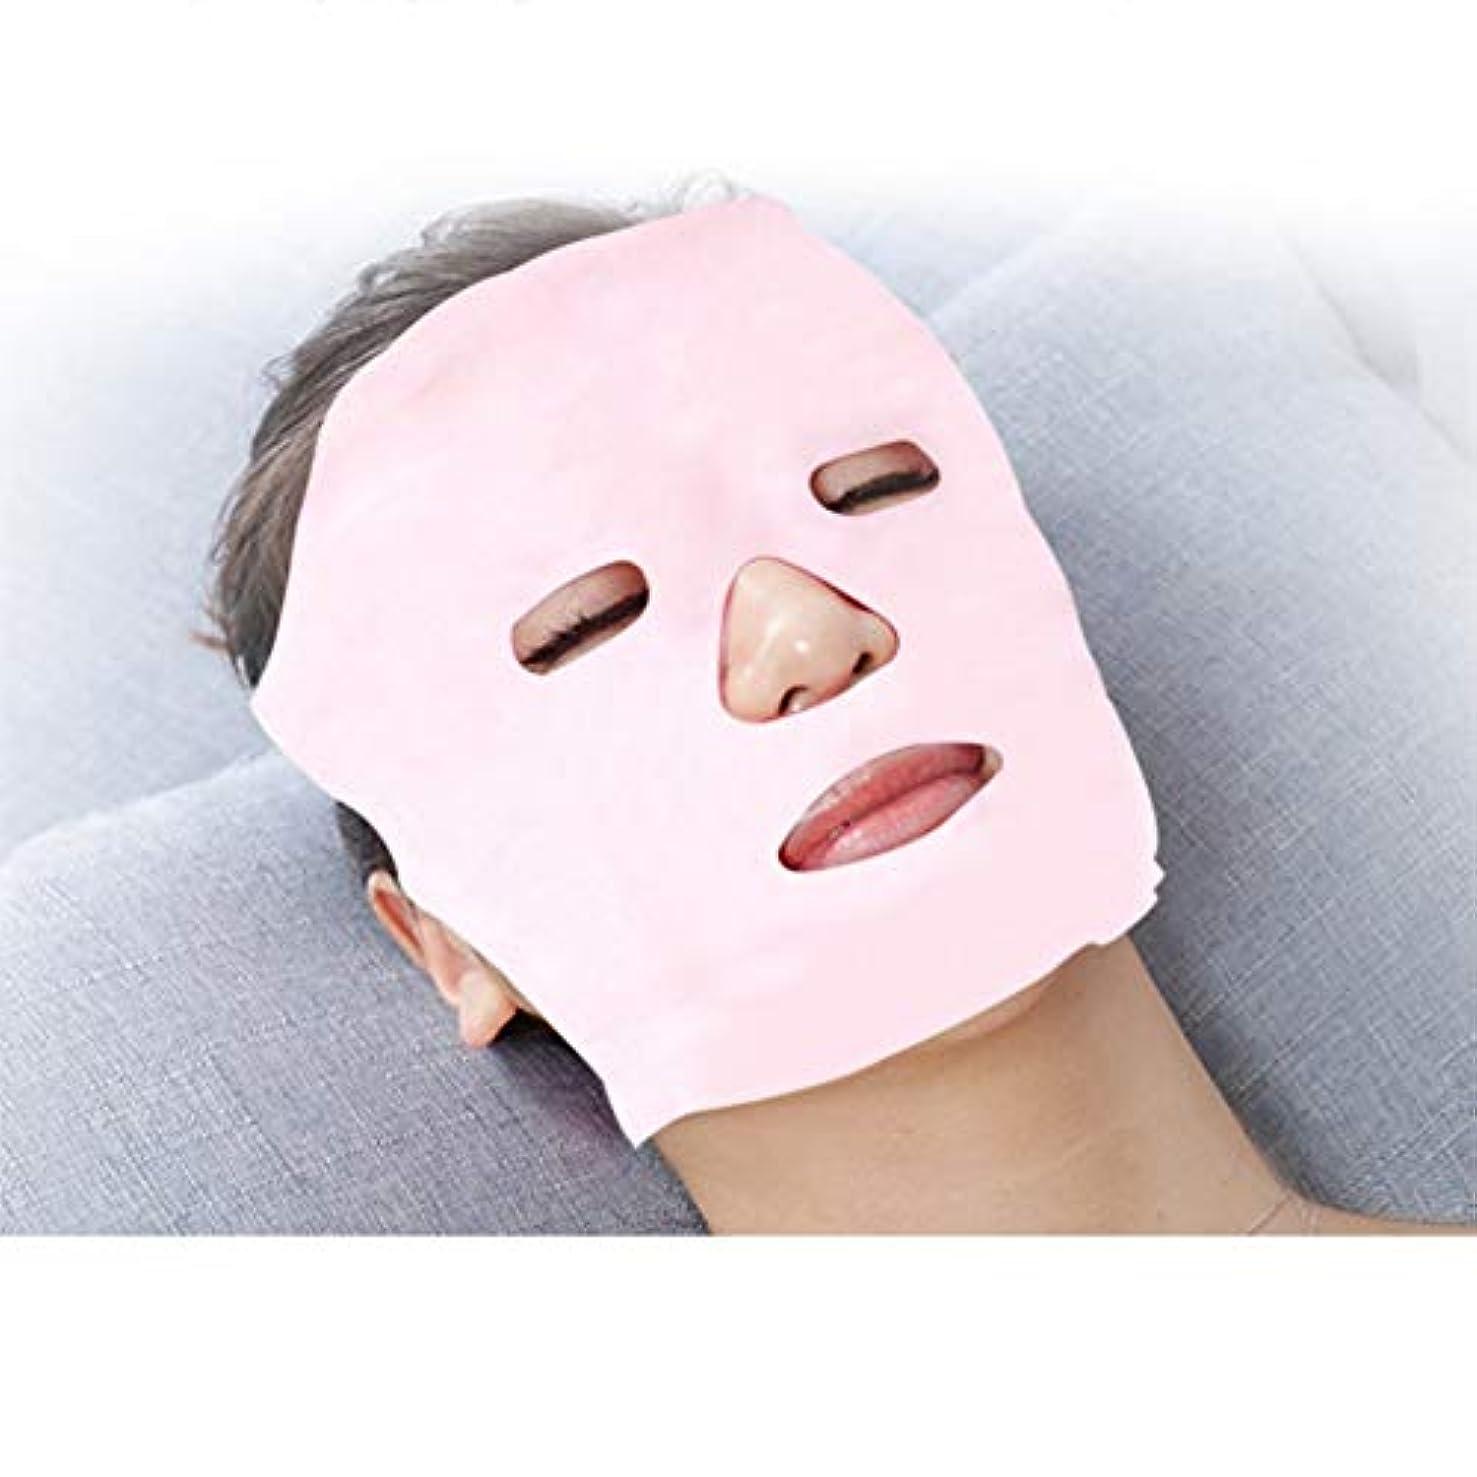 パーフェルビッド蓋囲まれたトルマリンジェル マグネットマスク マッサージマスク 颜美容 フェイスマスク 薄い顔 肤色を明るく ヘルスケアマスク 磁気 ェイスポーチ Cutelove